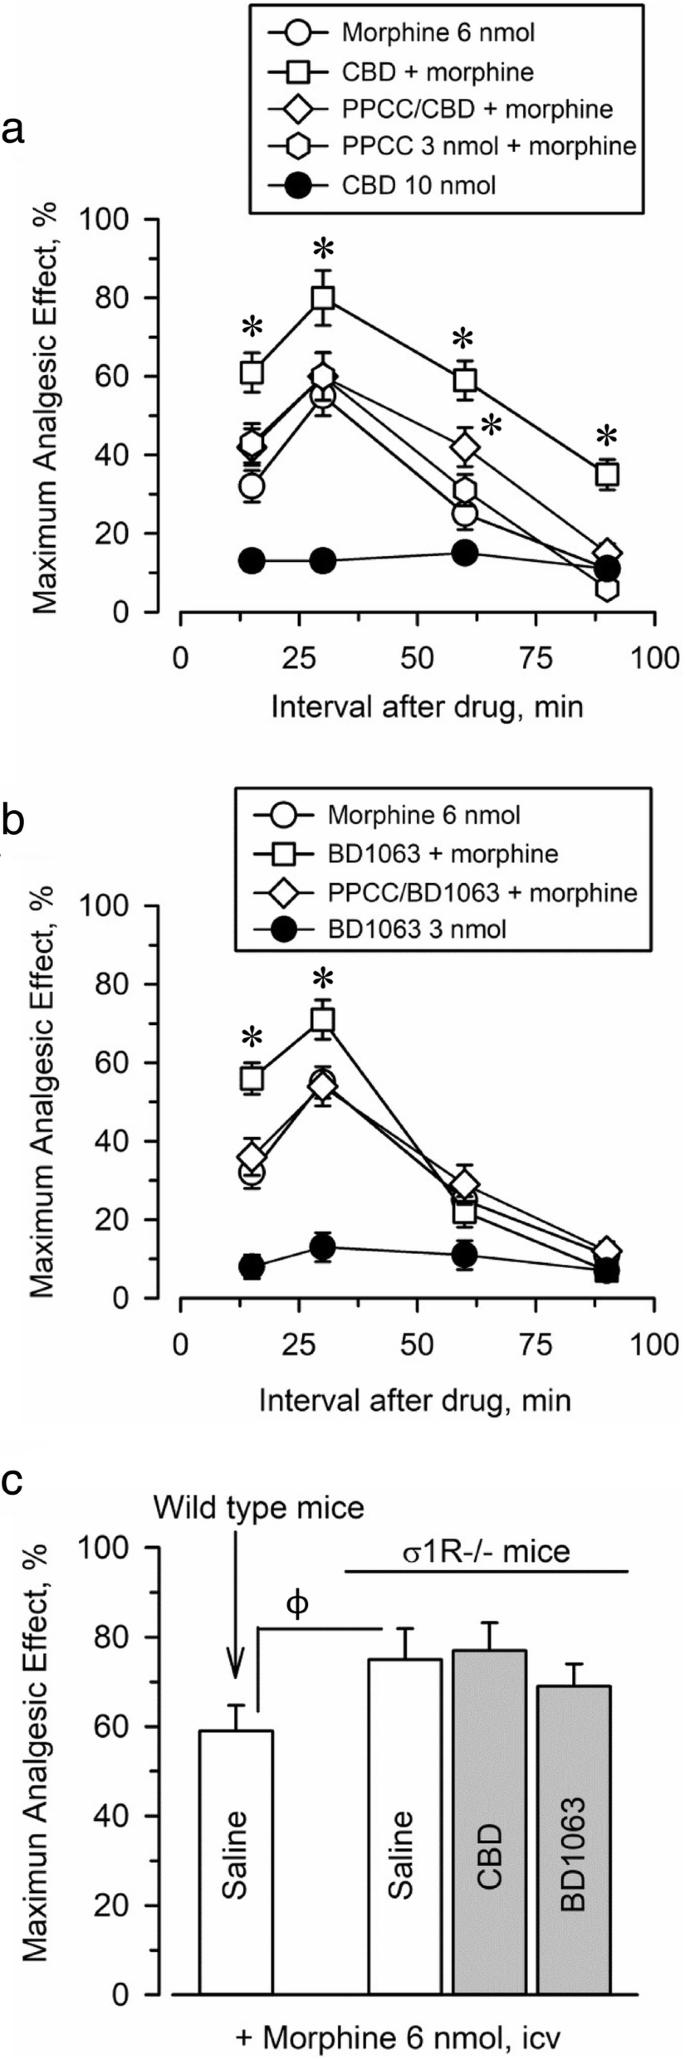 Cannabidiol enhances morphine antinociception, diminishes